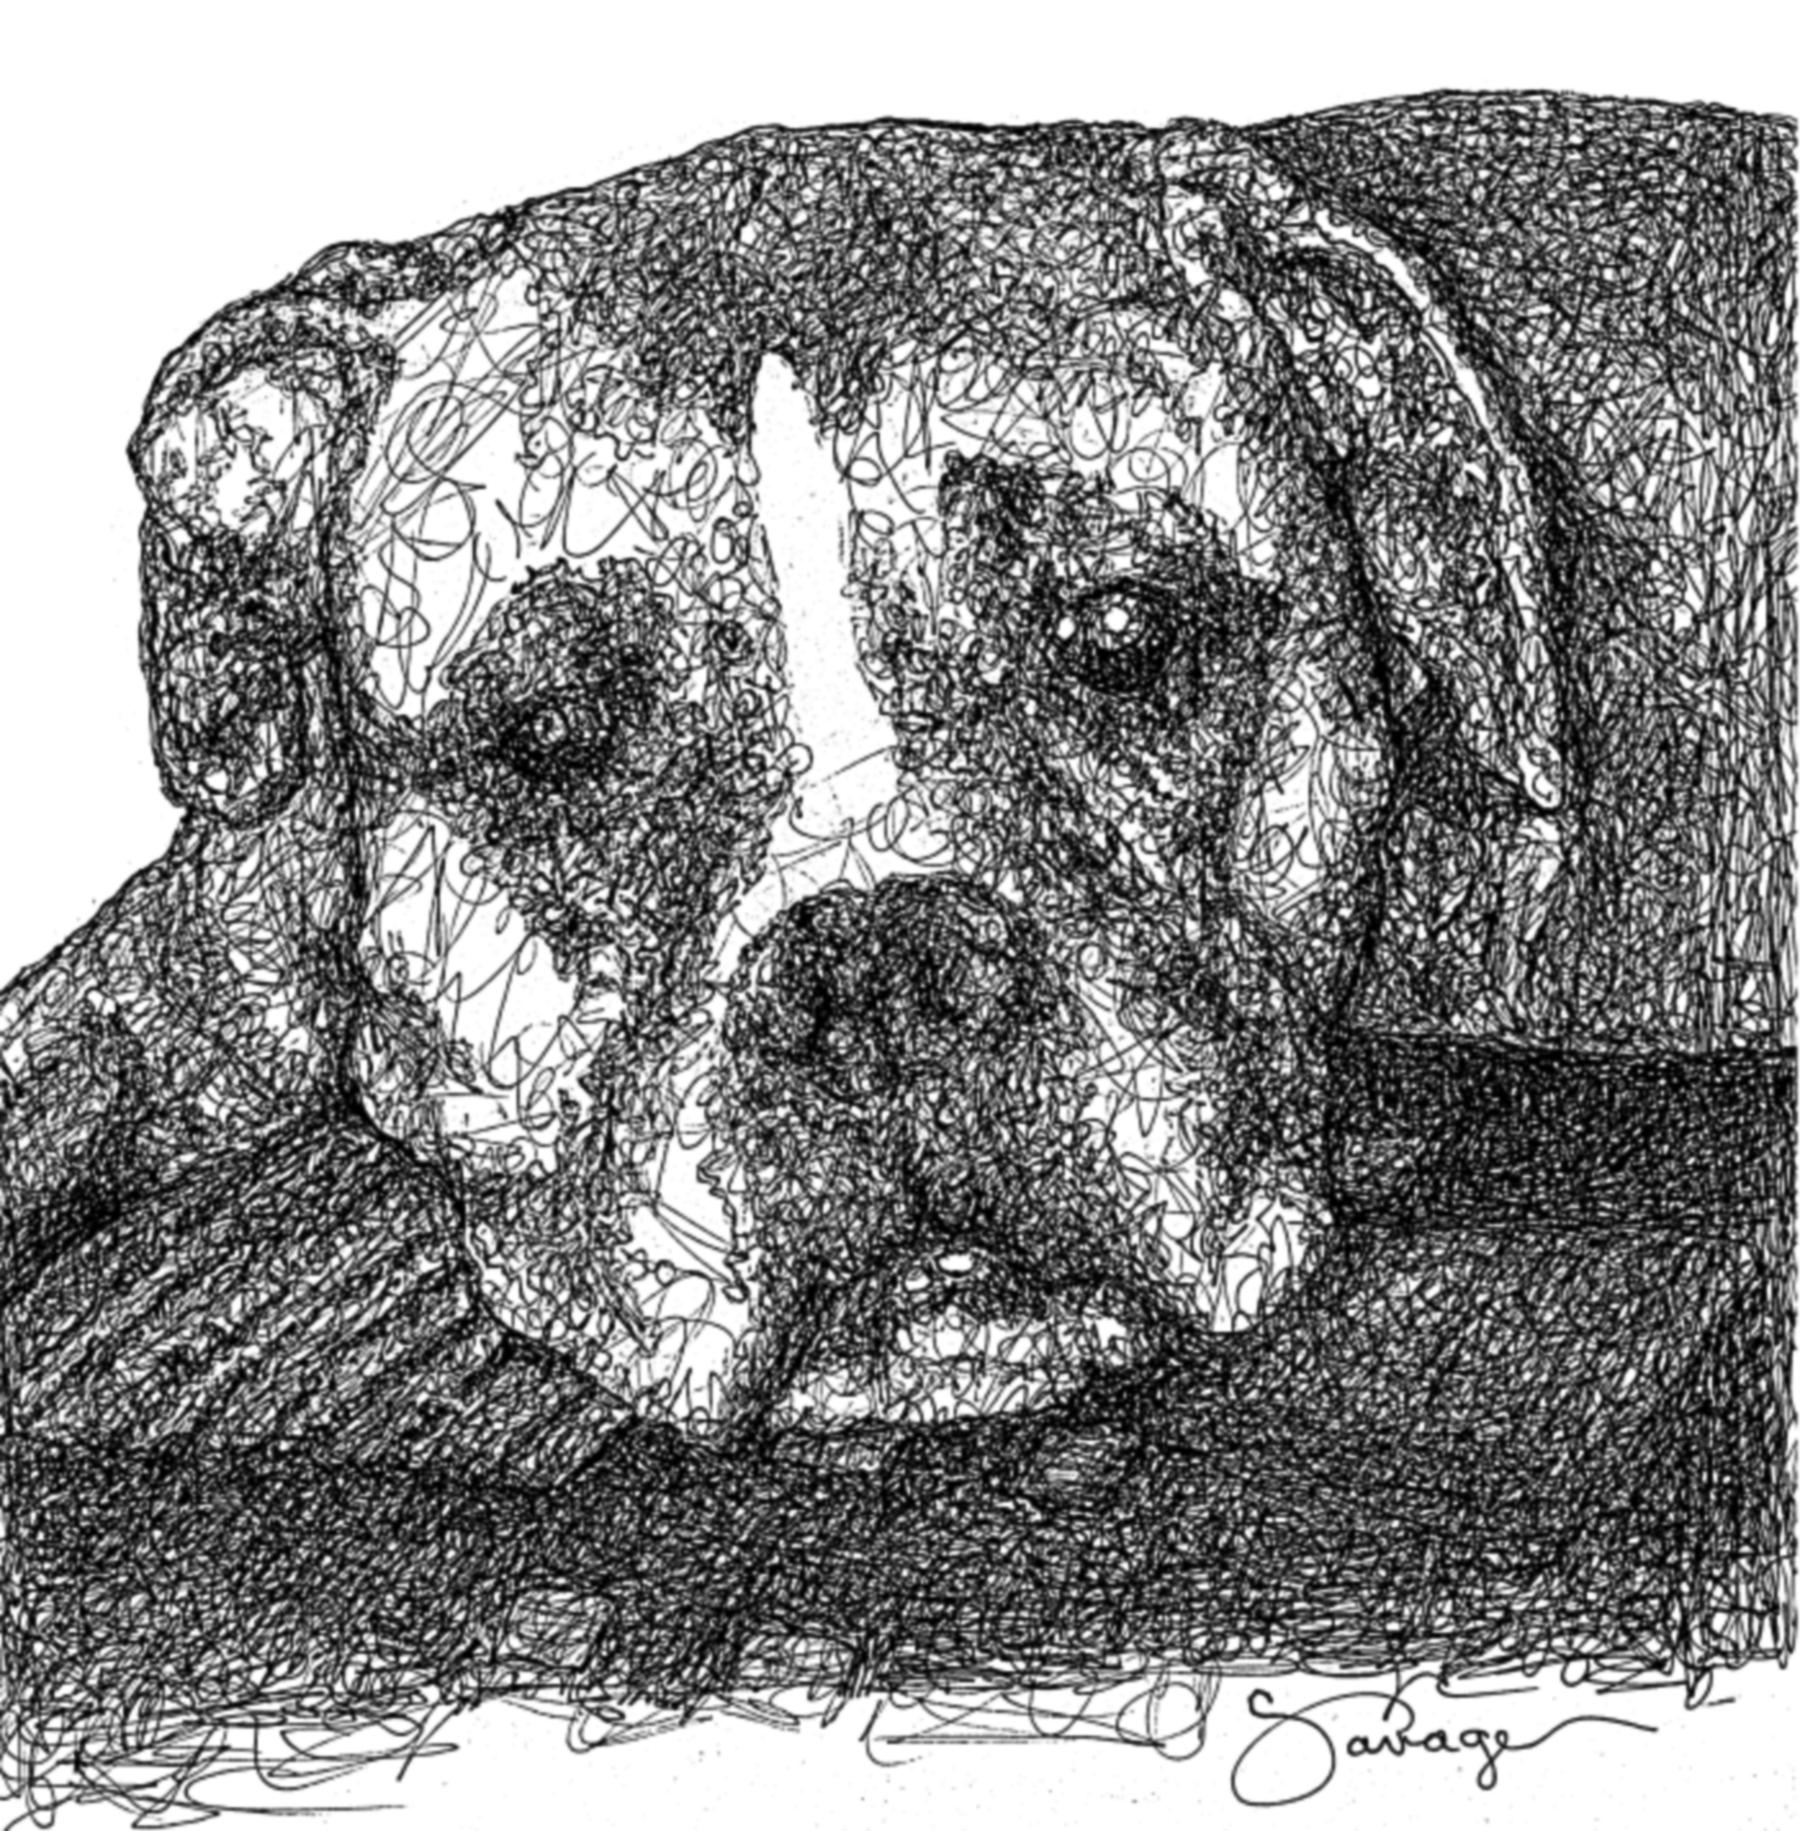 Baxter, Boxer